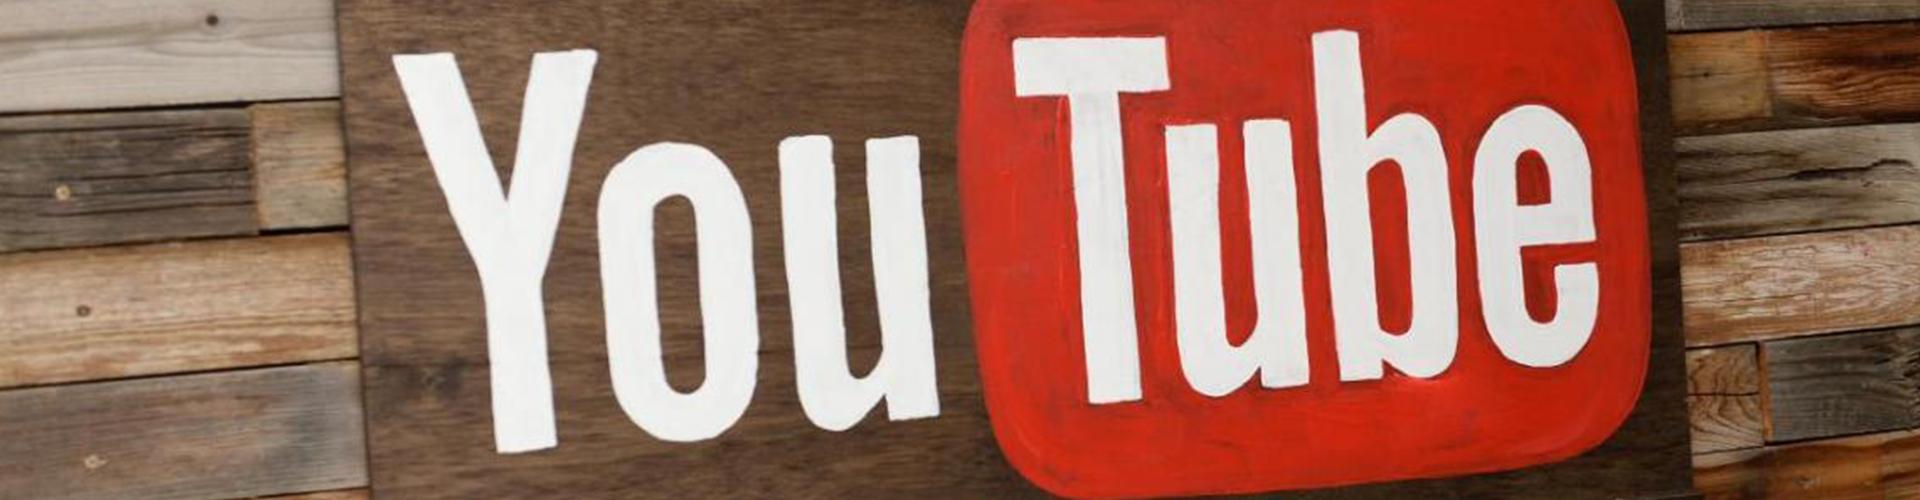 Youtube Kar Amacı Gütmeyen Kuruluş Programı